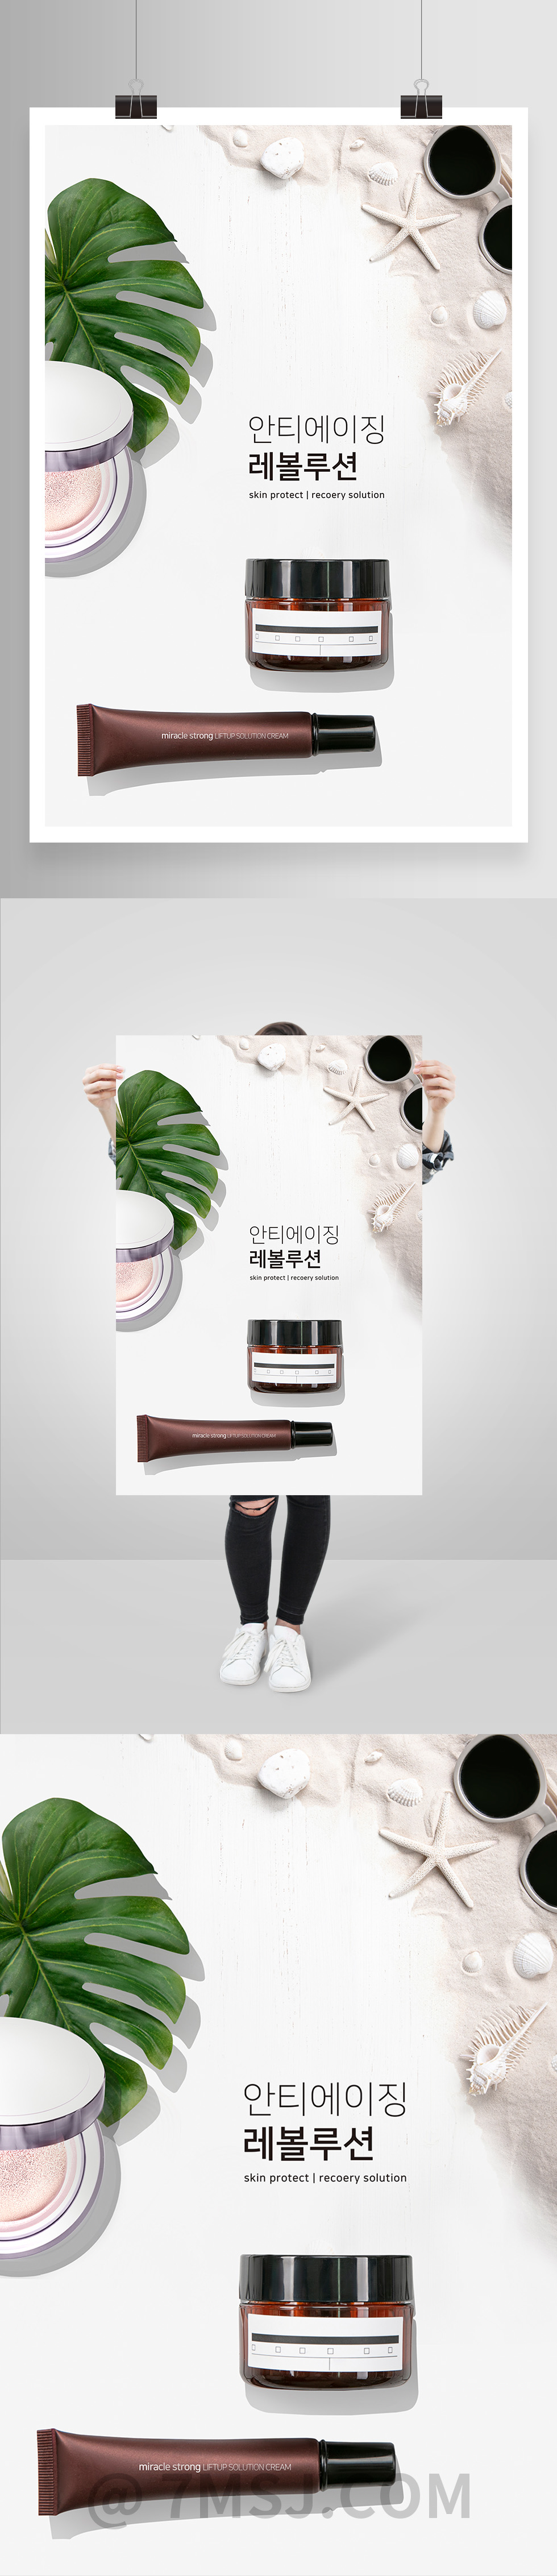 高端化妆品彩妆护肤品海报素材 #Poster material